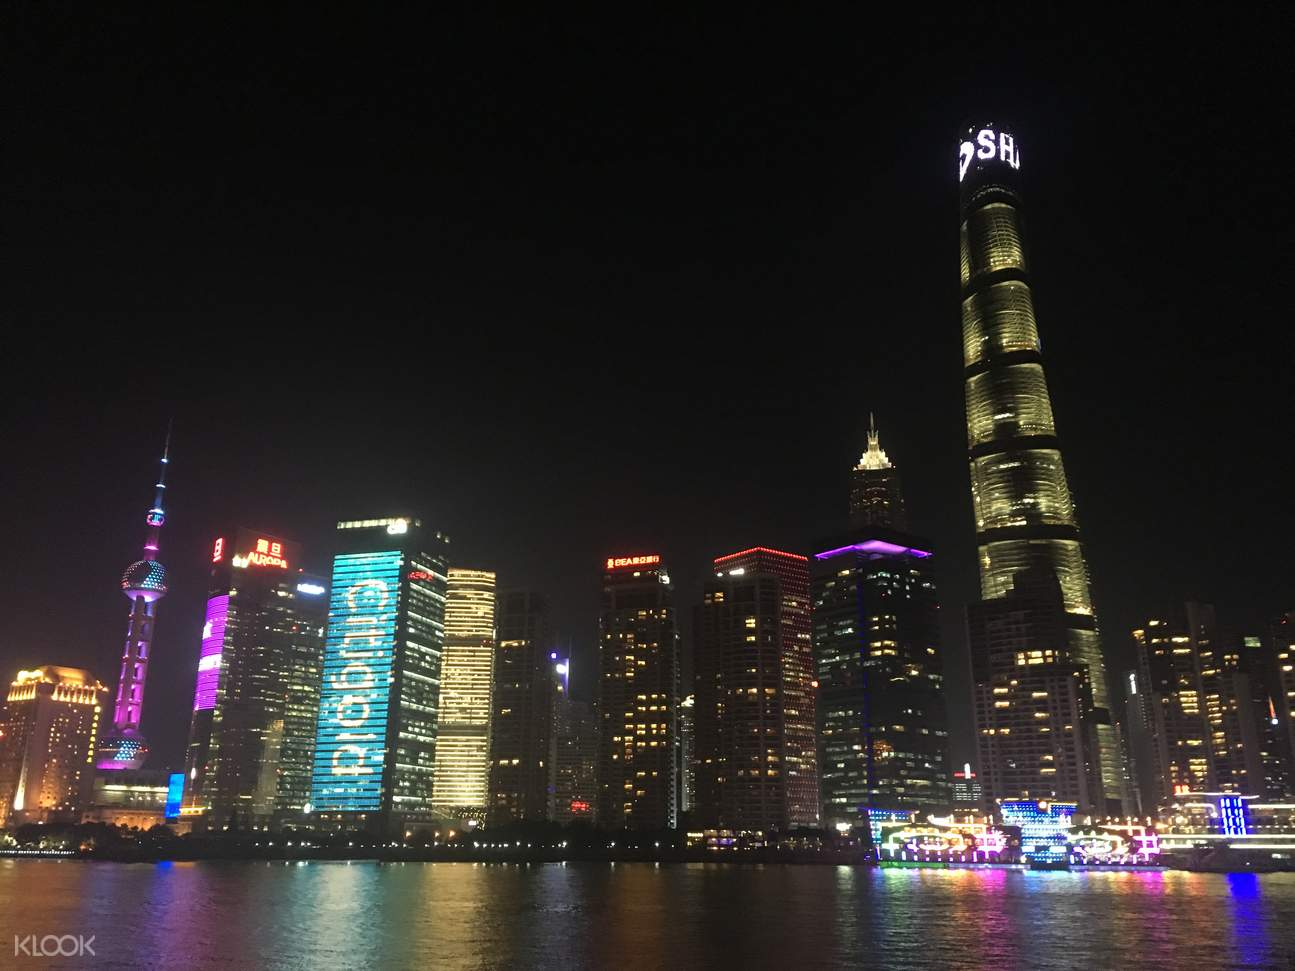 上海東方明珠塔& 黃浦江遊船套票